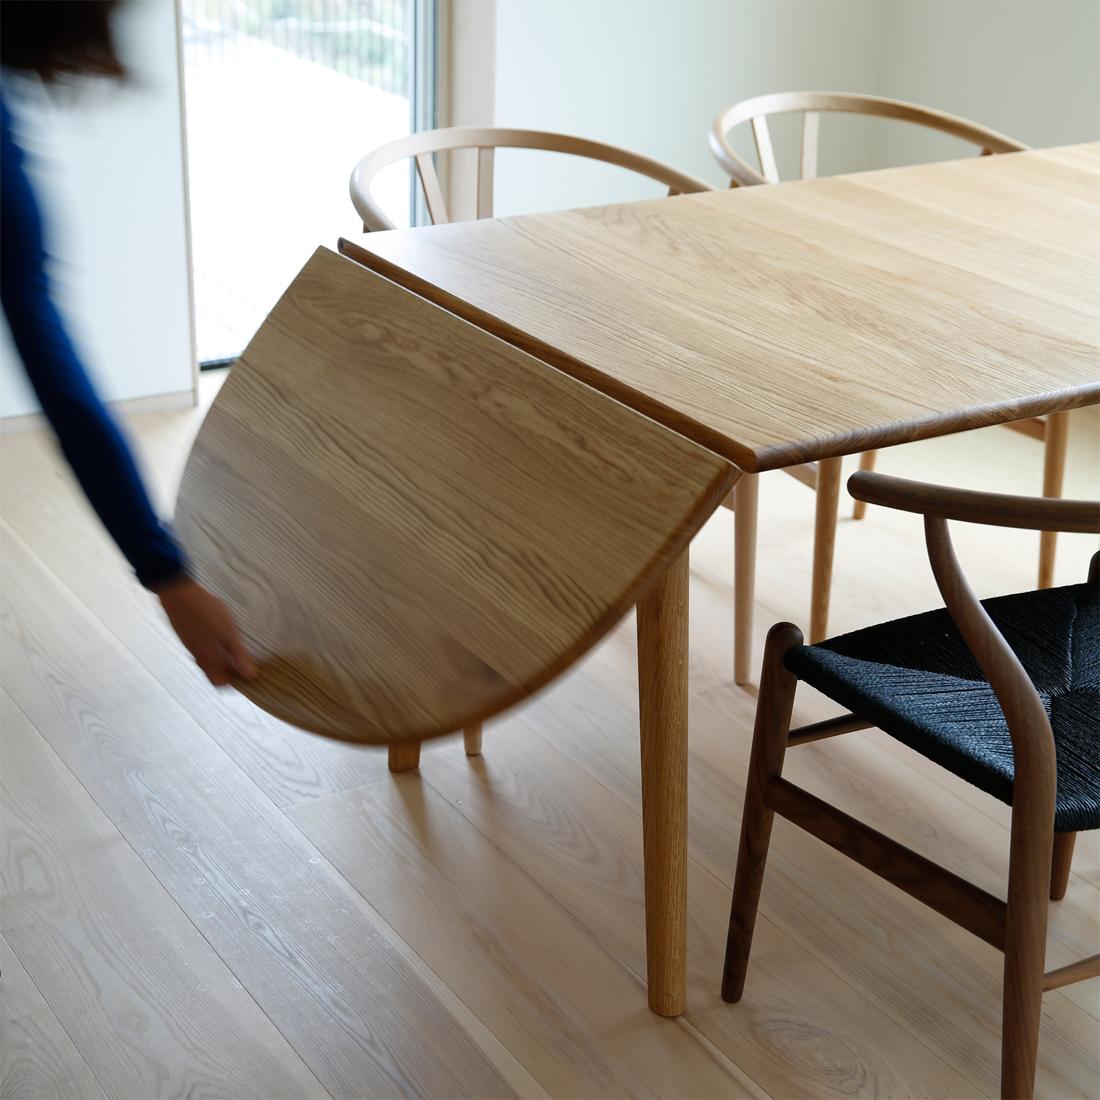 テーブルch006の天板が組み替え可能な様子